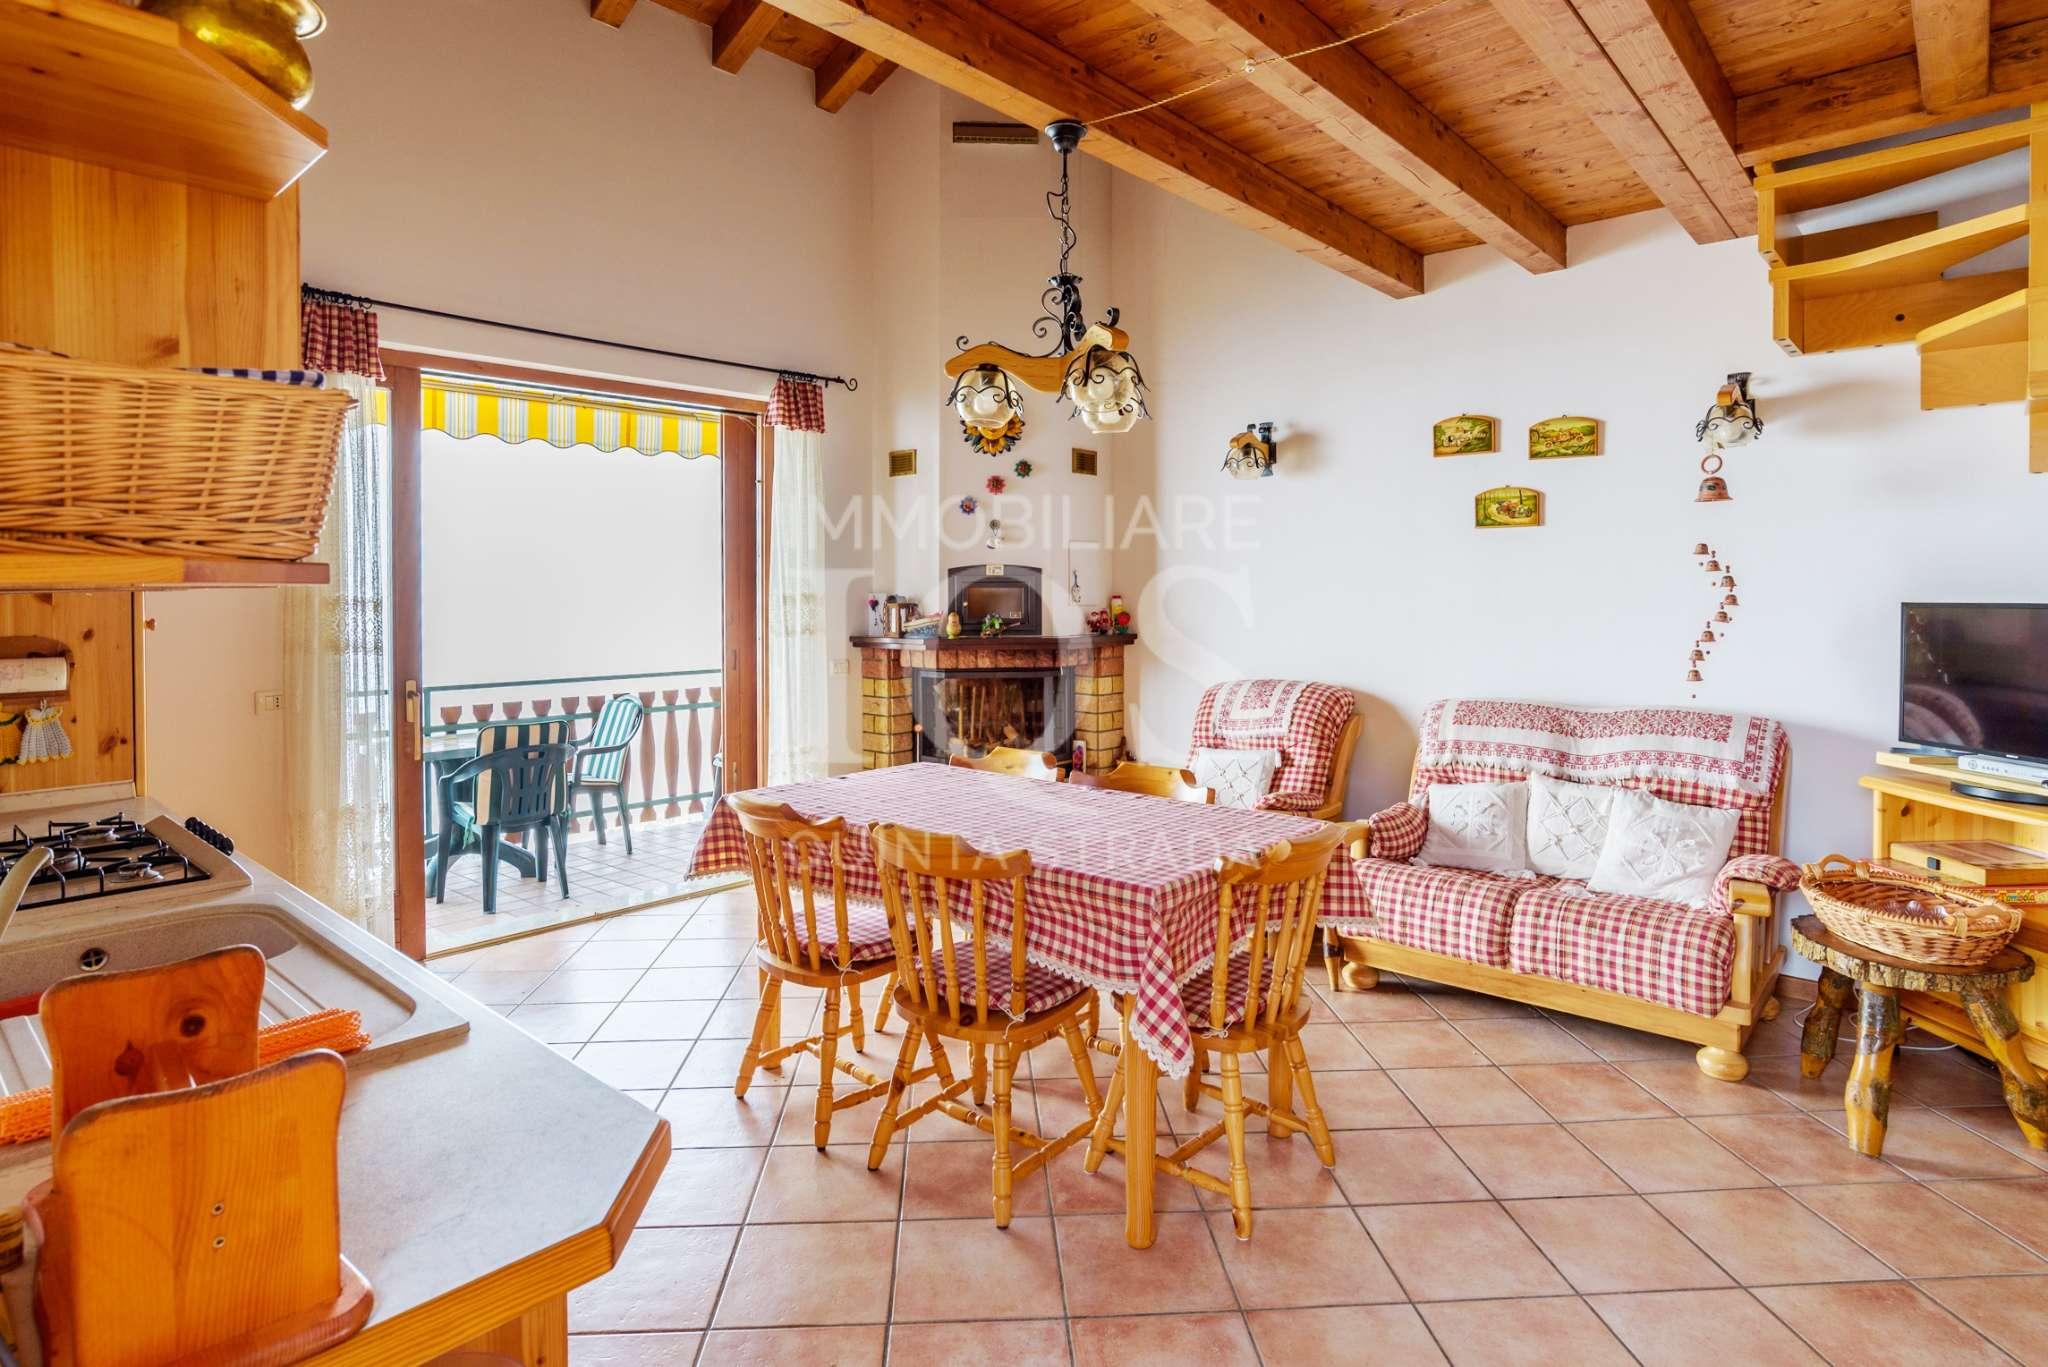 Appartamento in vendita a Grone, 2 locali, prezzo € 69.000 | PortaleAgenzieImmobiliari.it